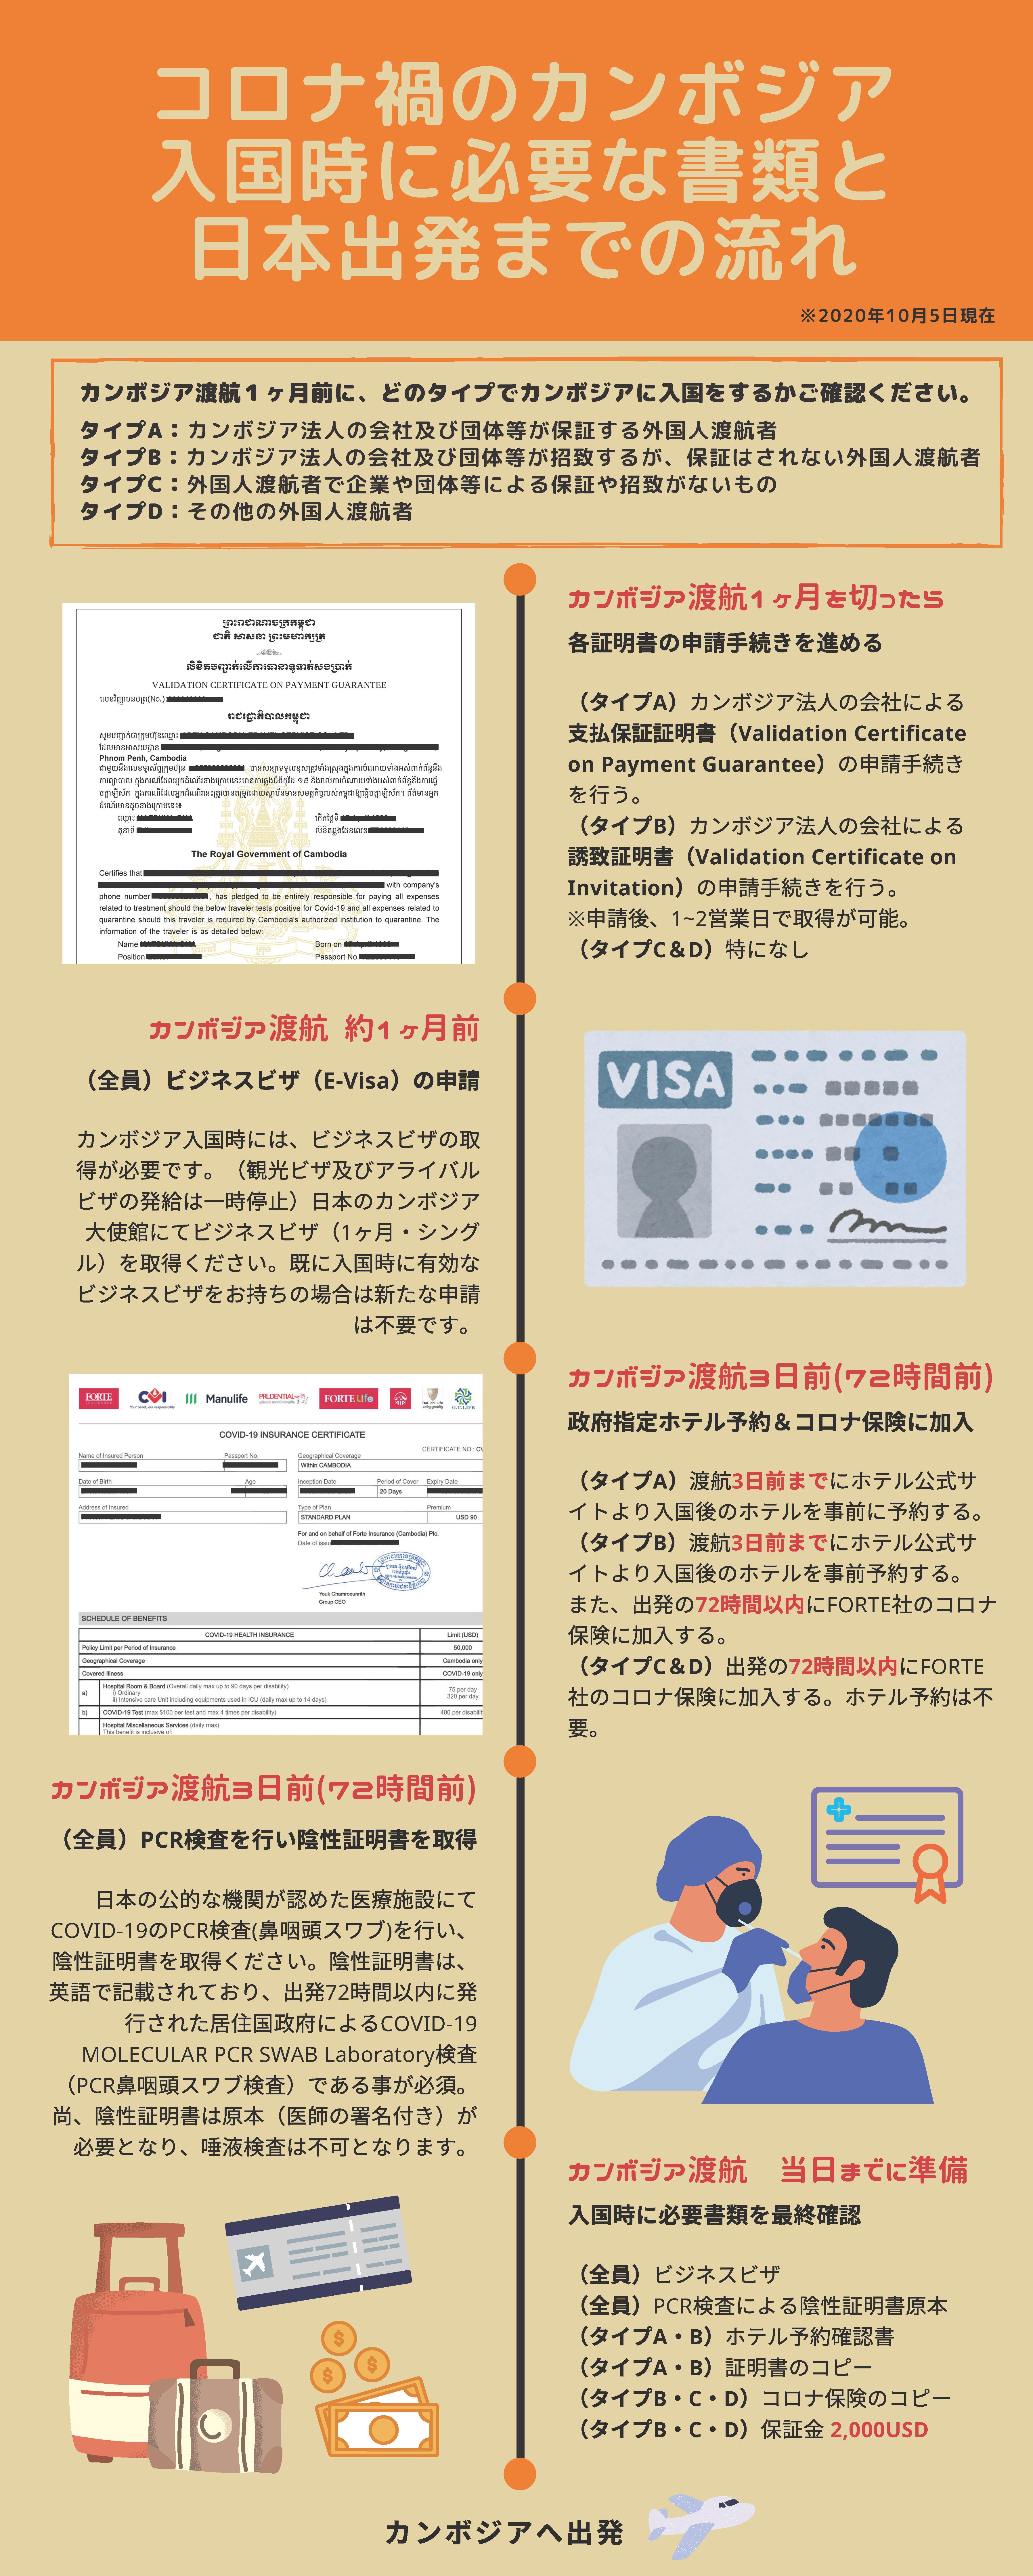 【分かりやすく図で説明】コロナ禍のカンボジア入国時に必要な書類と日本出発までの流れ